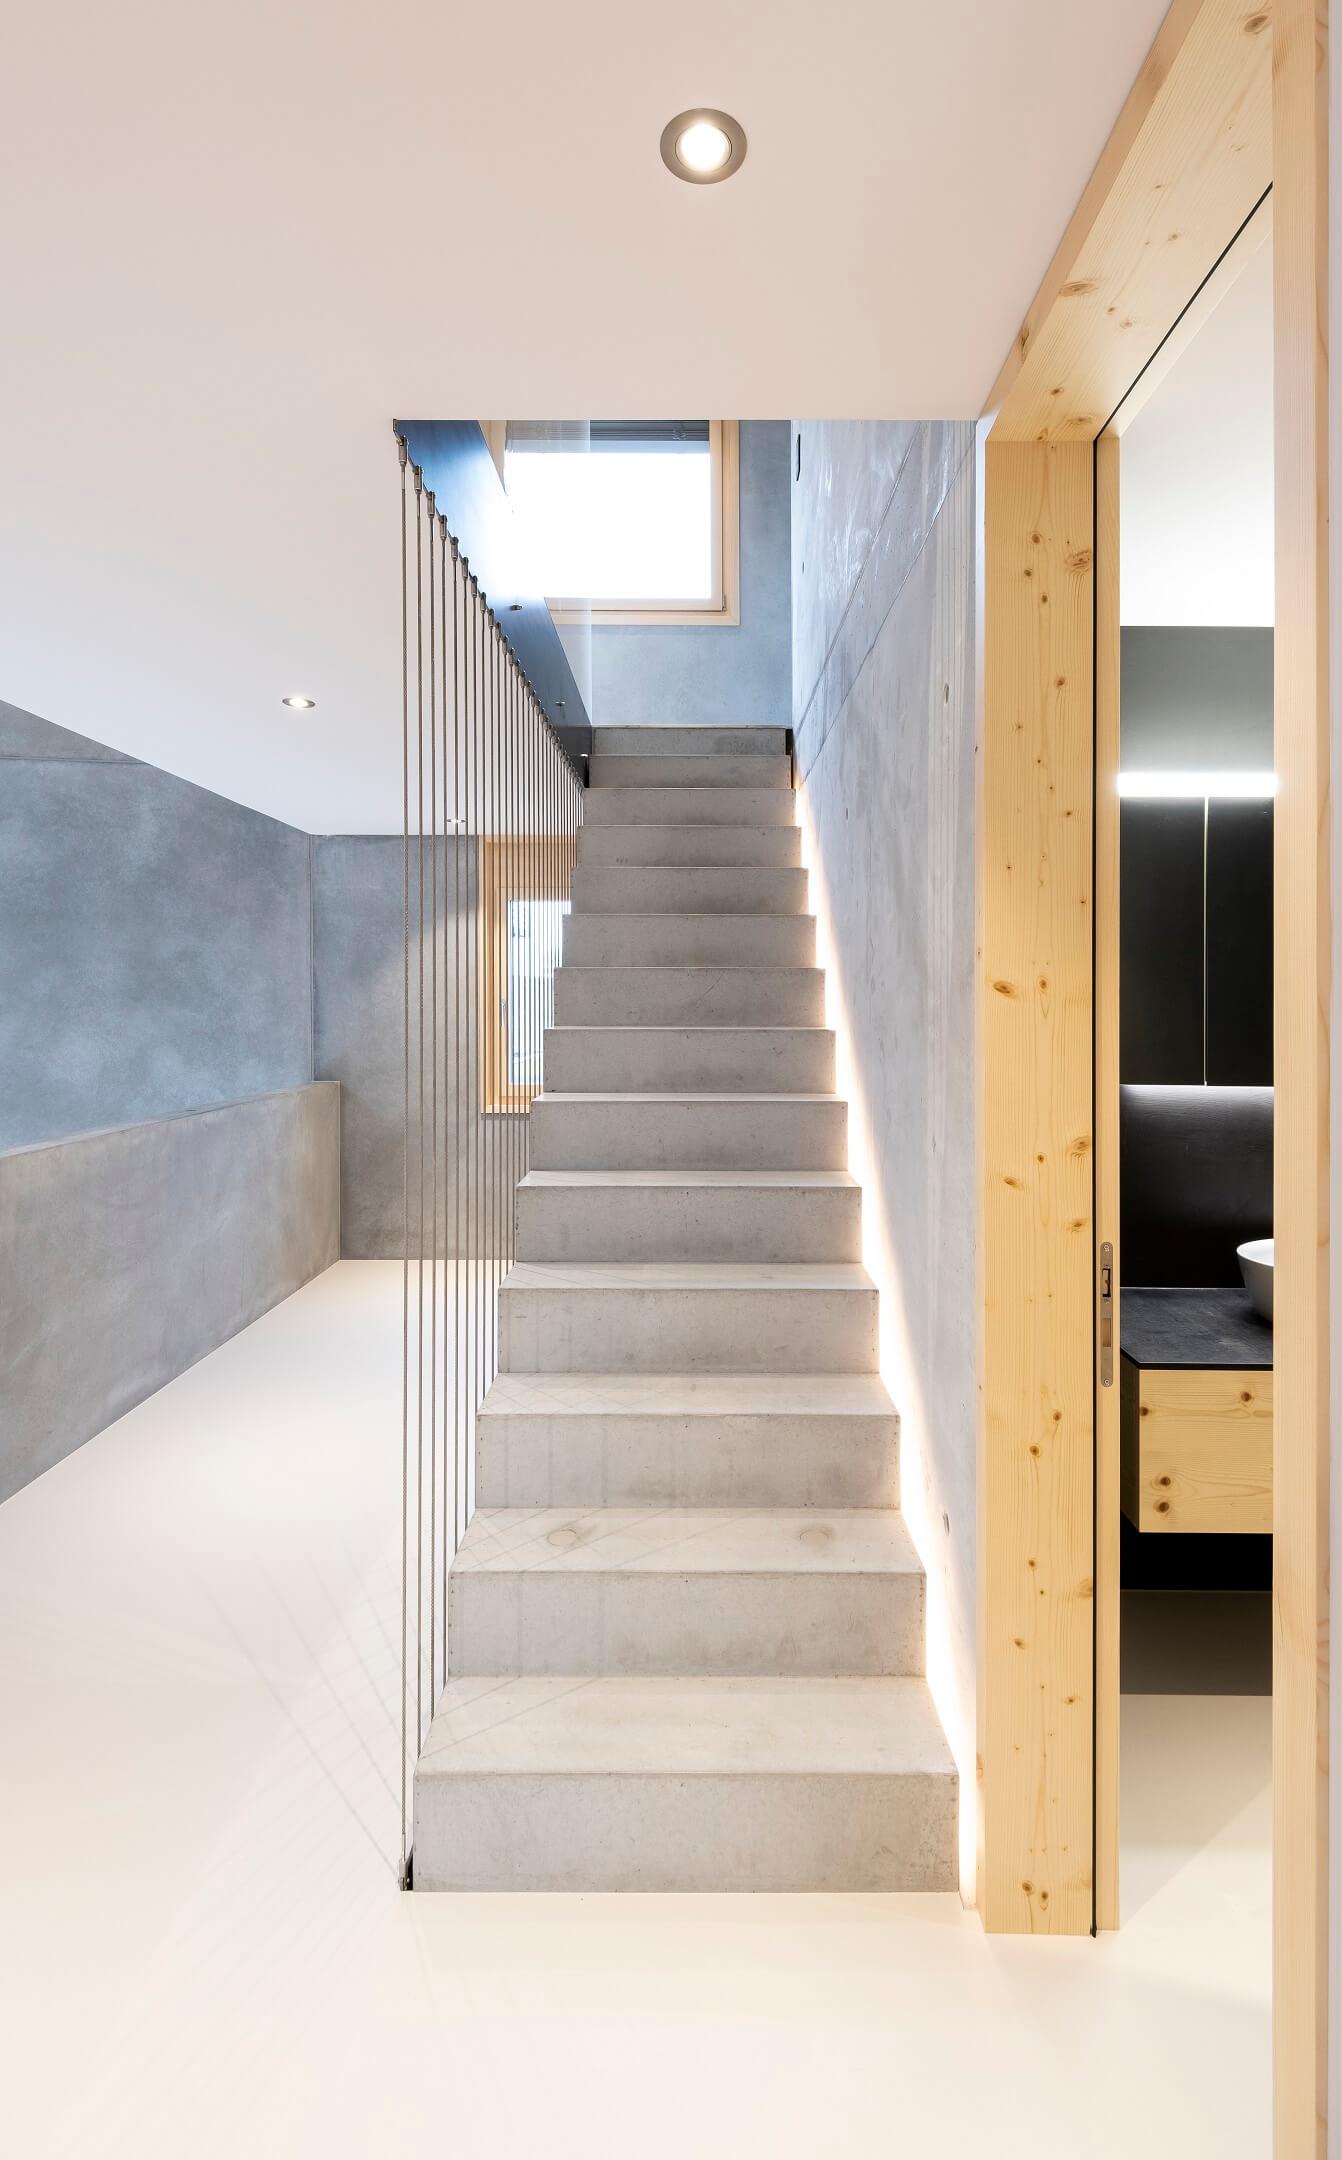 Lömmenschwil Treppen 2 | Kleger und Koller Architekten